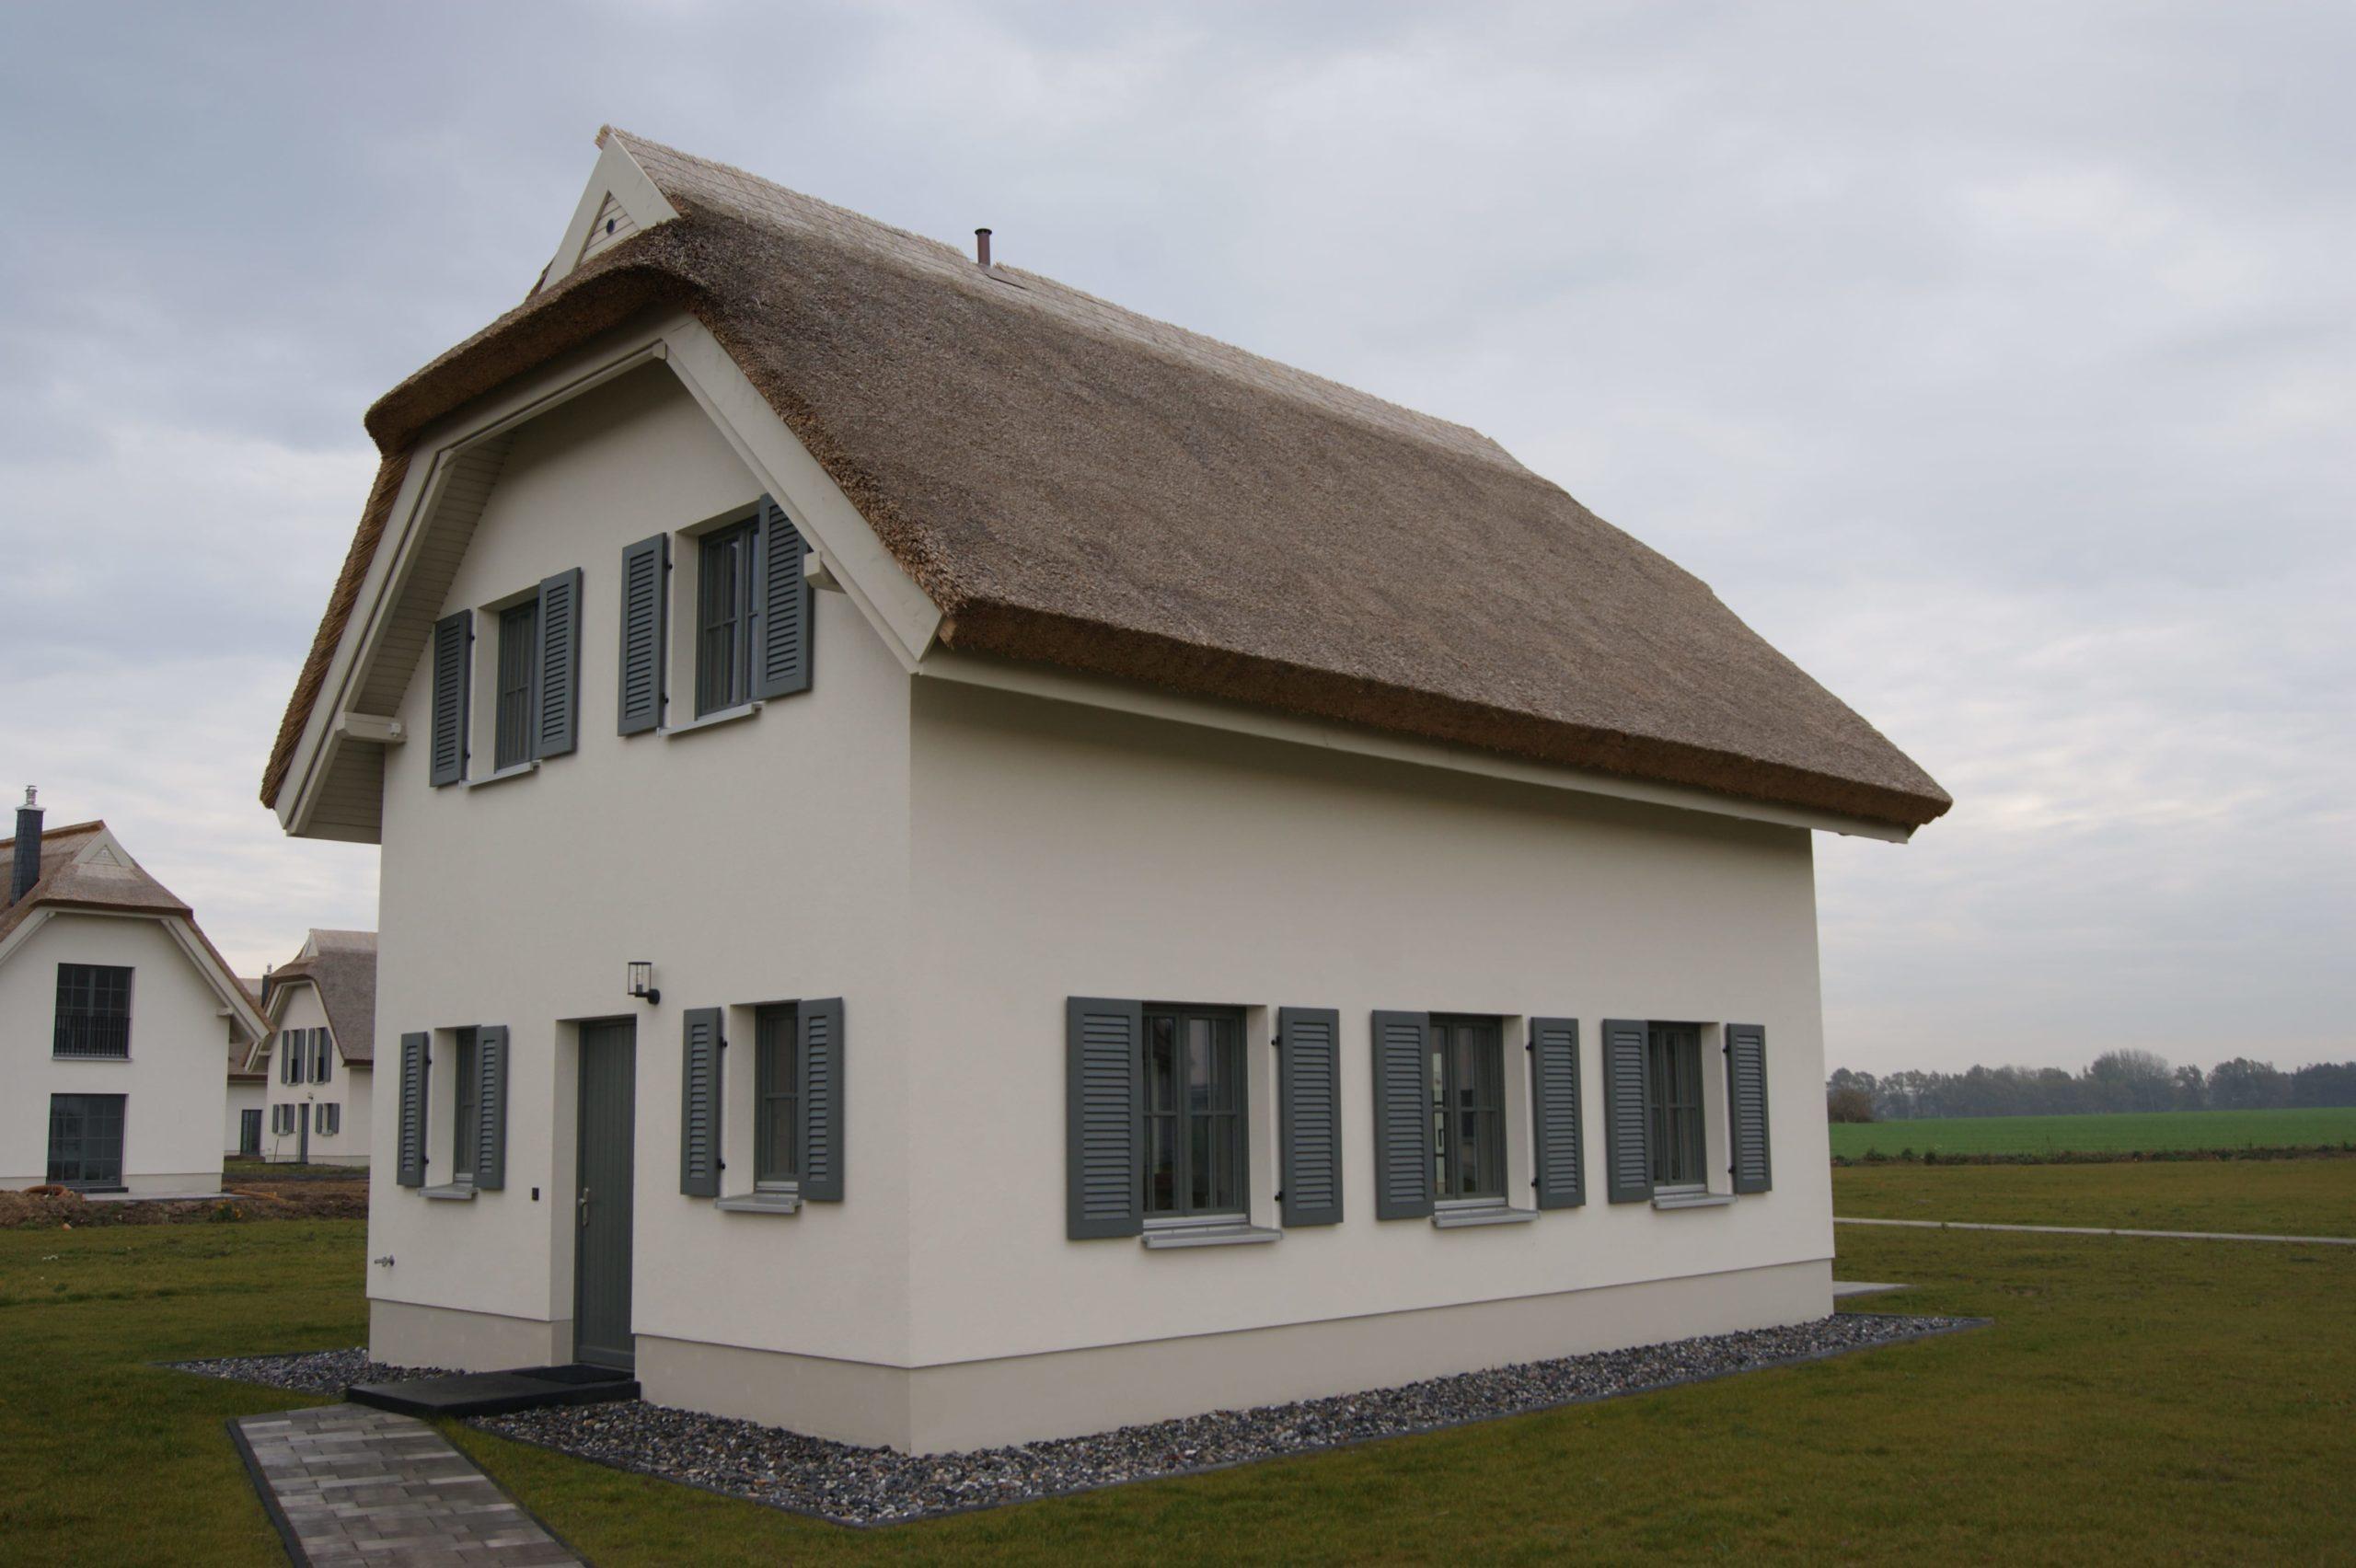 Ferienimmobilie auf Rügen kaufen